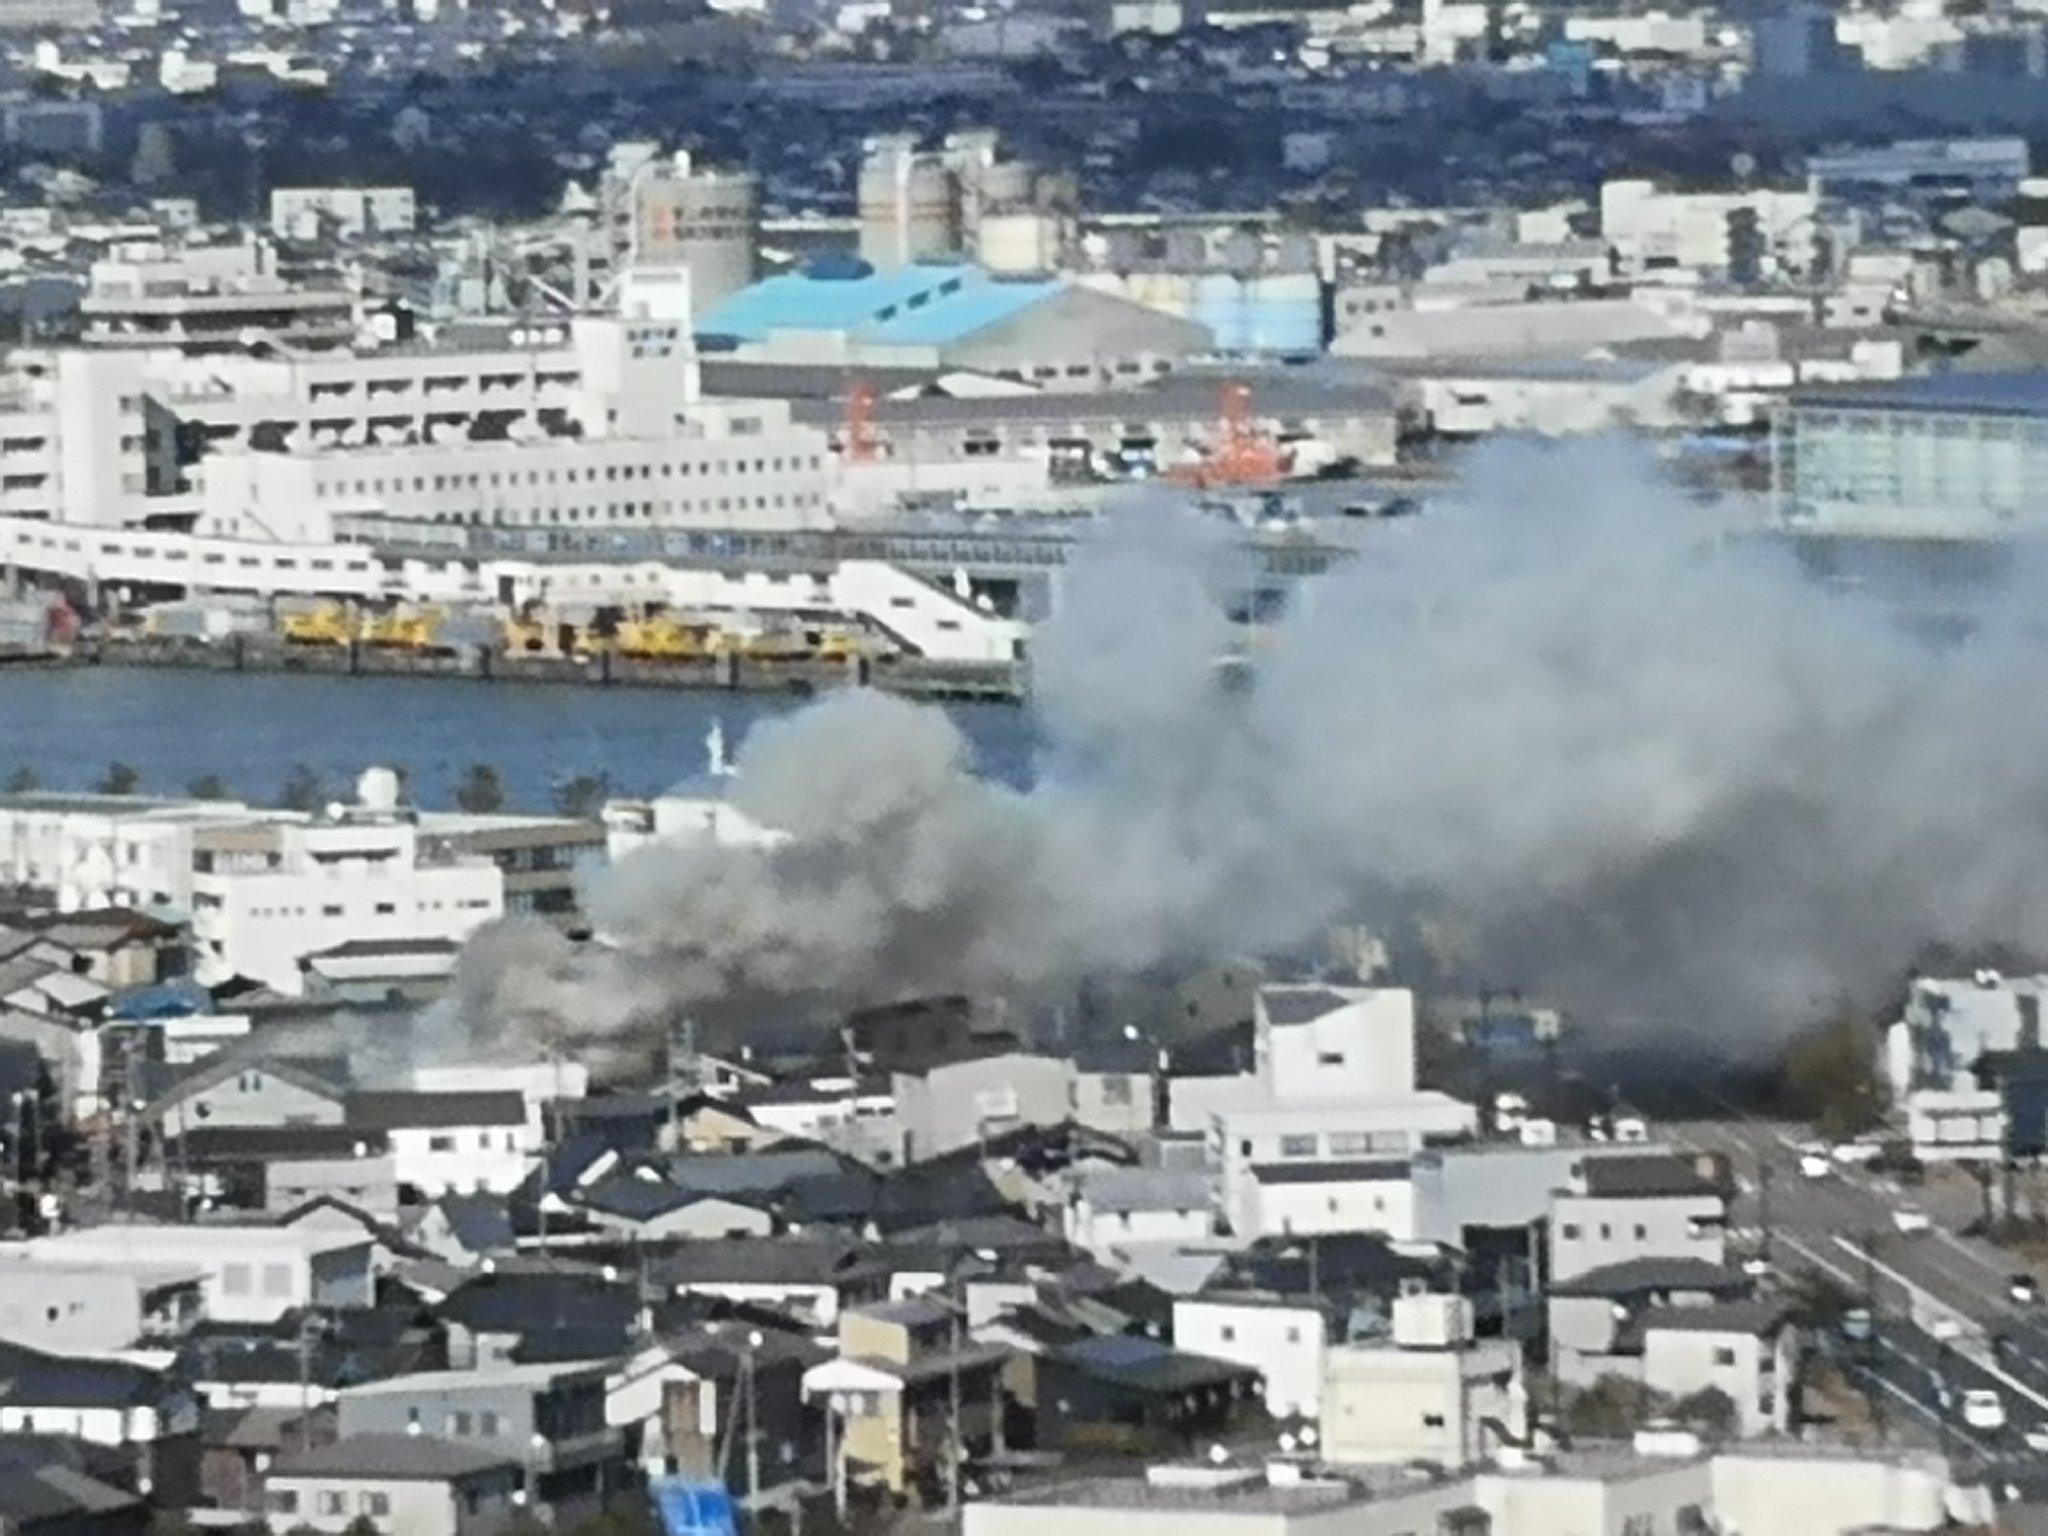 新潟市中央区豊照町で火事が起きている画像